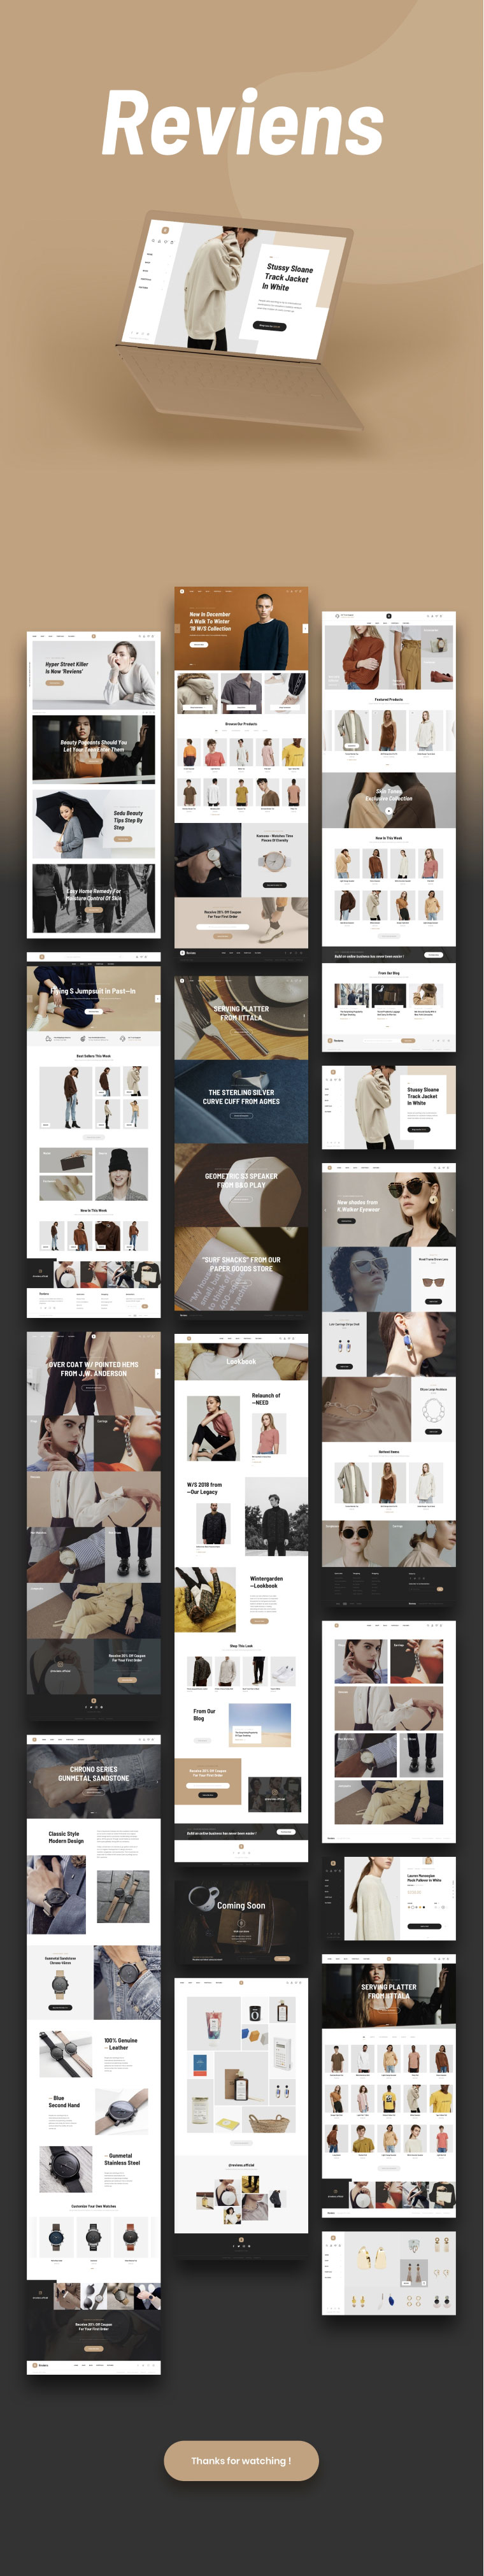 简约细腻的时尚电商网站UI KITS下载[PSD,Sketch]